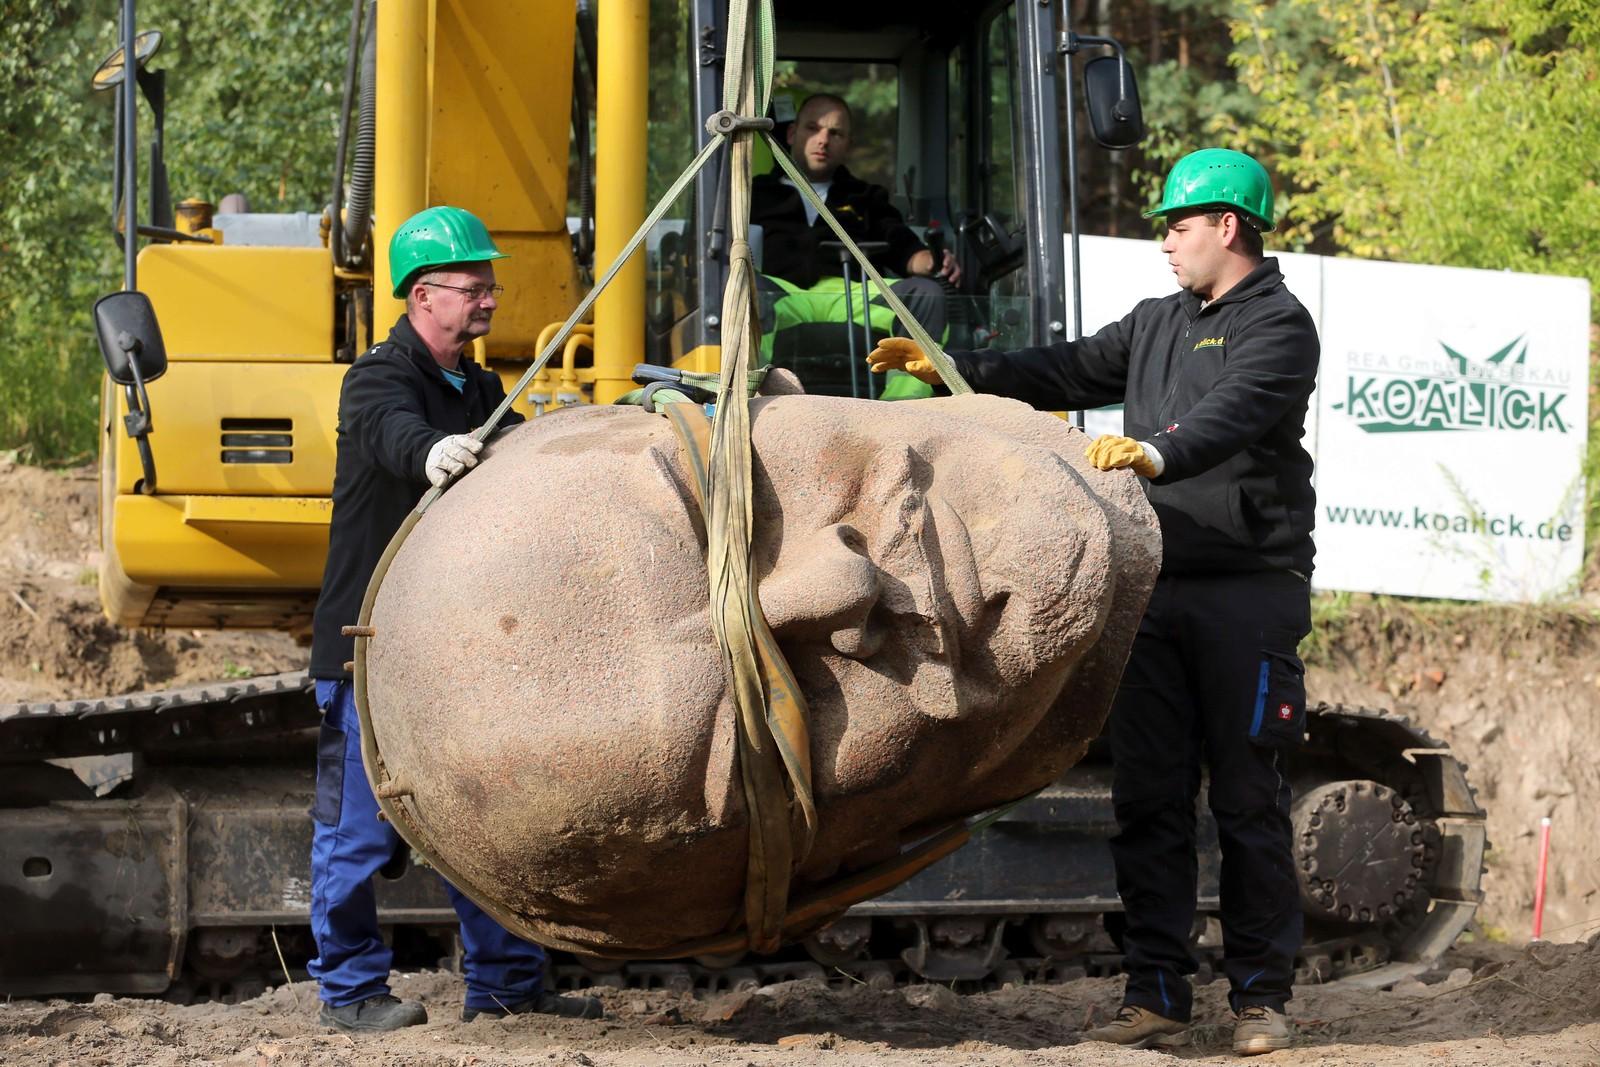 En gang sto han på sokkel i øst-Berlin, men i 25 år har denne Lenin-statuen ligget glemt i en skog i utkanten av byen. Her blir imidlertid det 3,5 tonn tunge hodet henta fram igjen for å stilles ut på museum sammen med andre nøkkelfigurer fra Tysklands turbulente historie.